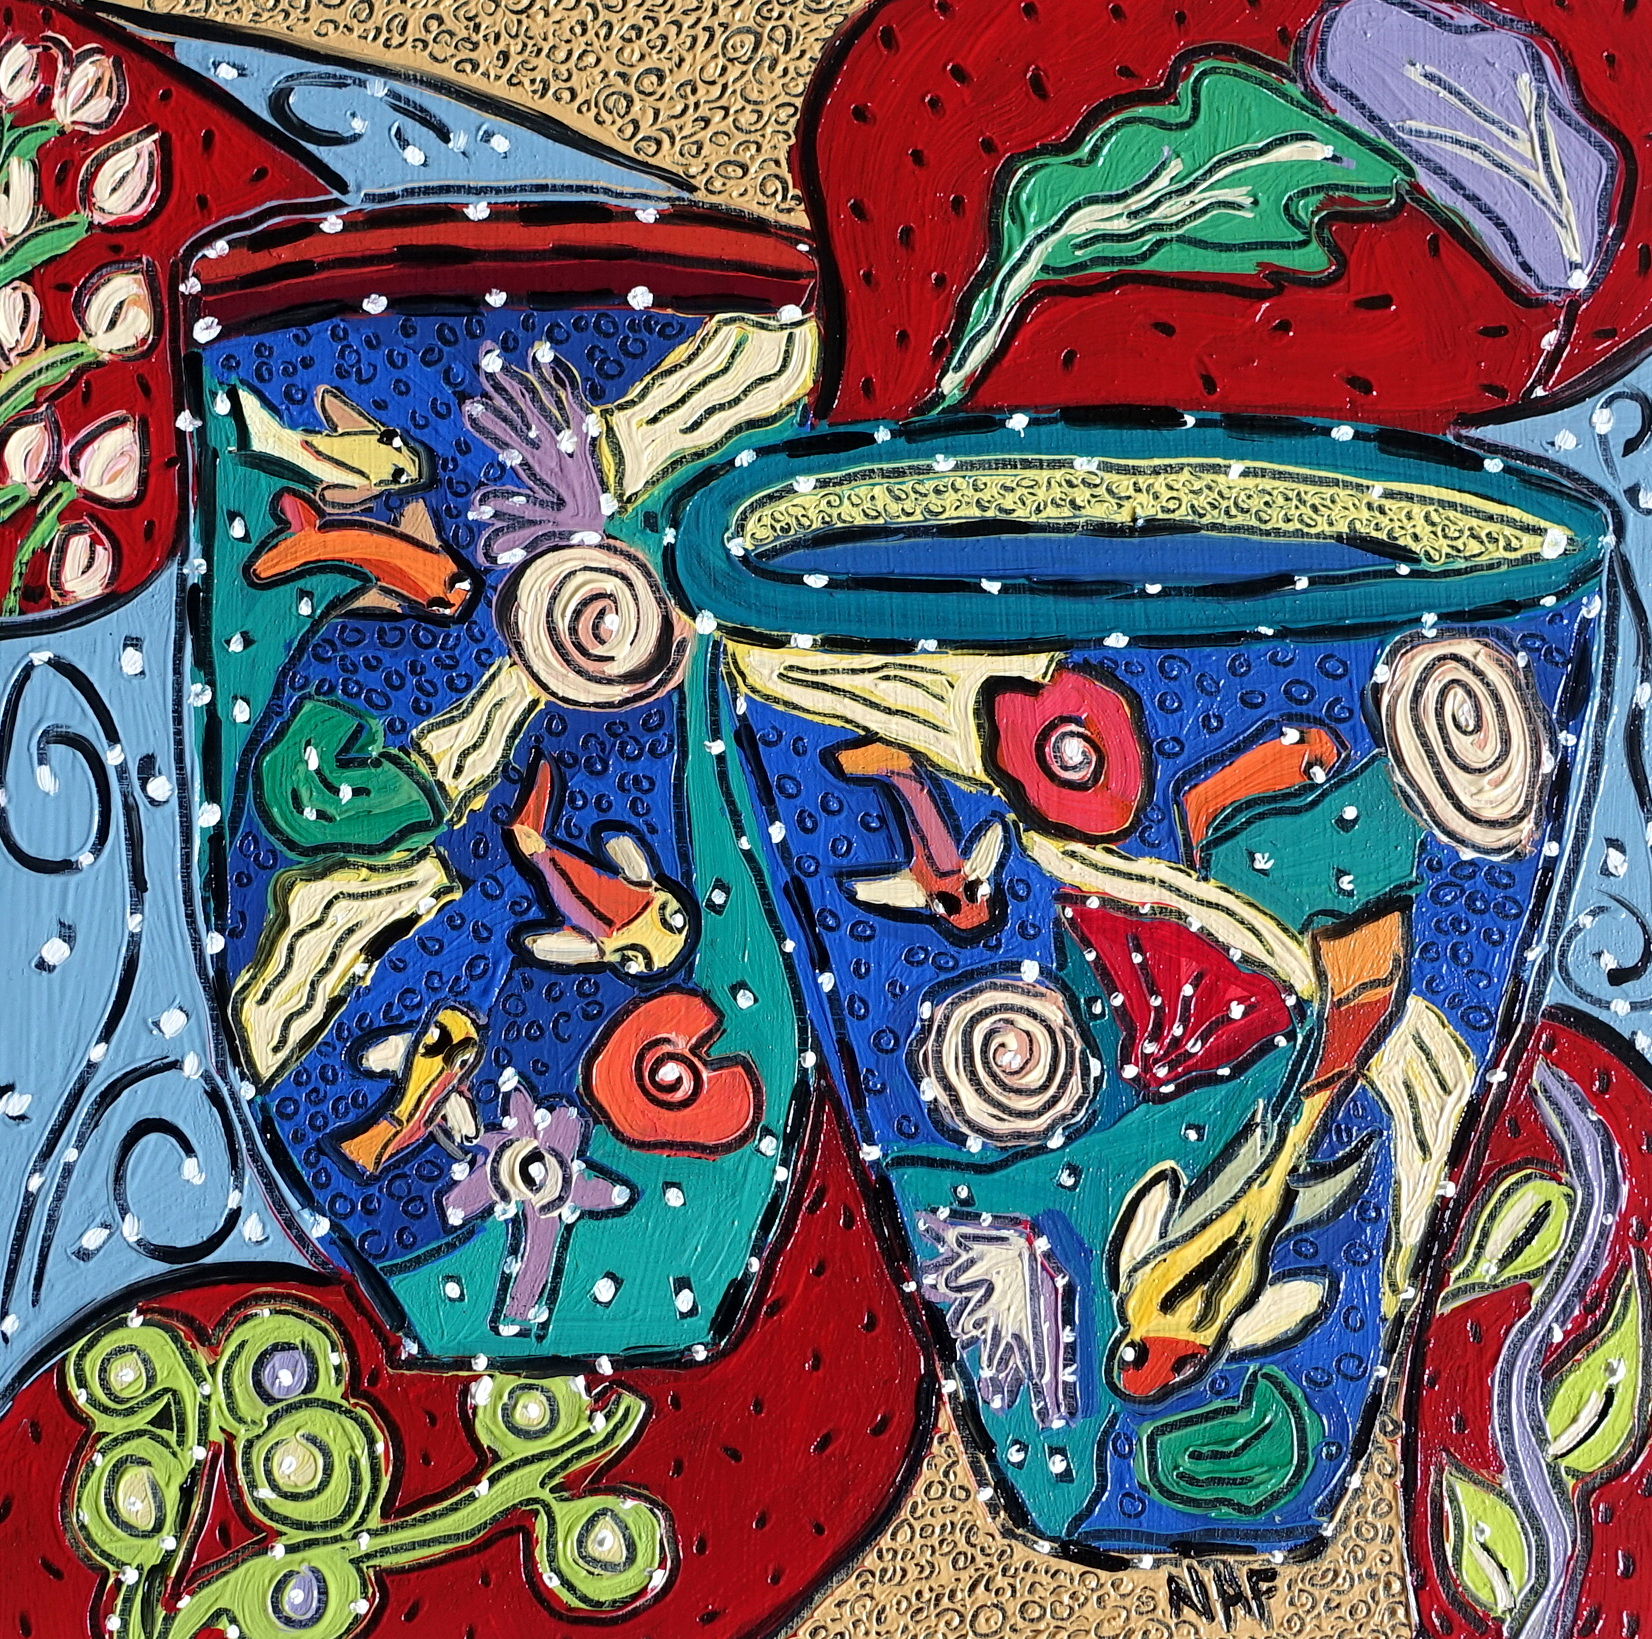 Nan Hass Feldman ,  Vessels in Dreamtime 4 , oil on panel, 8x8